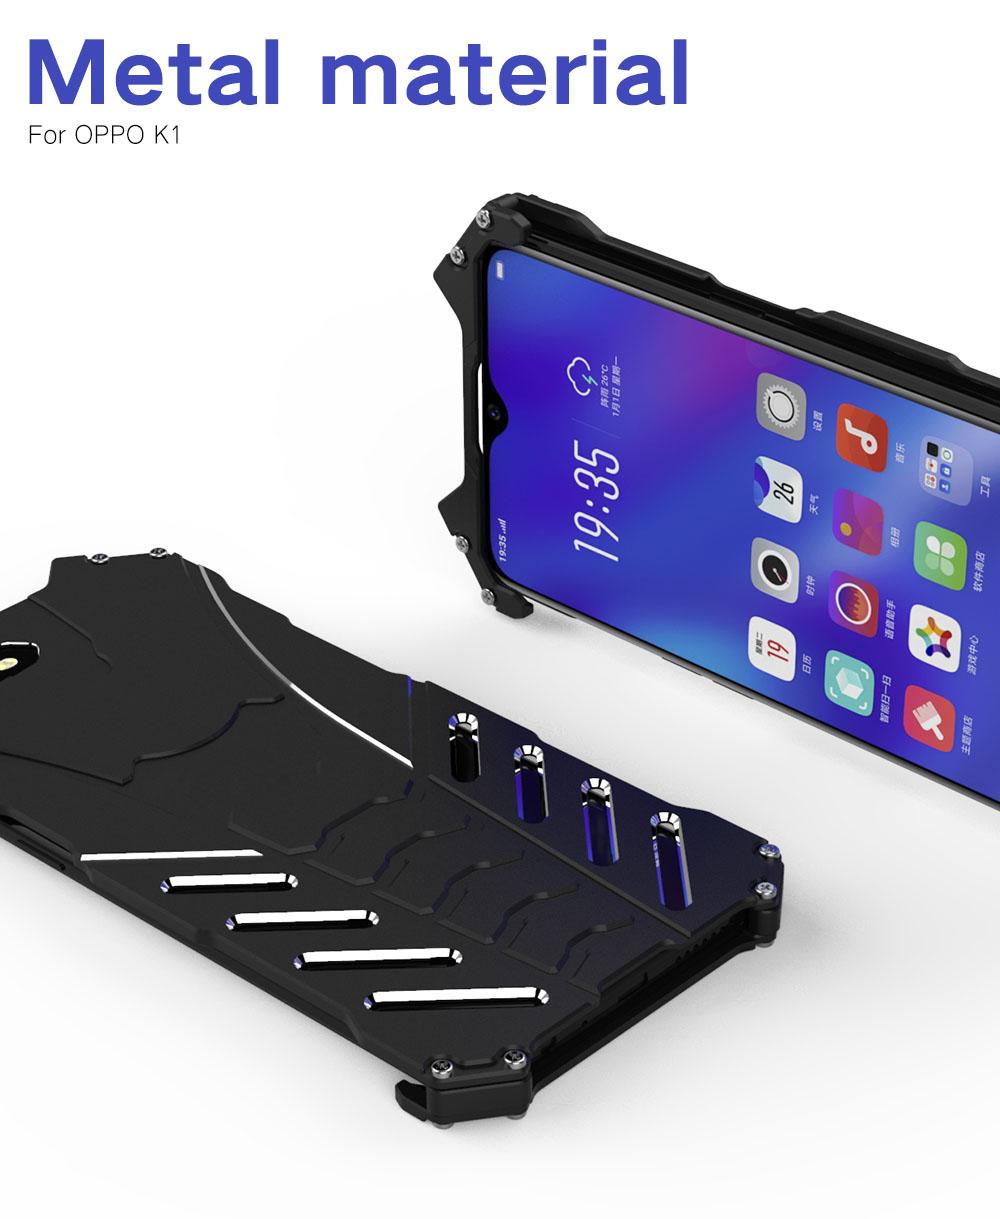 OPPO K1 case